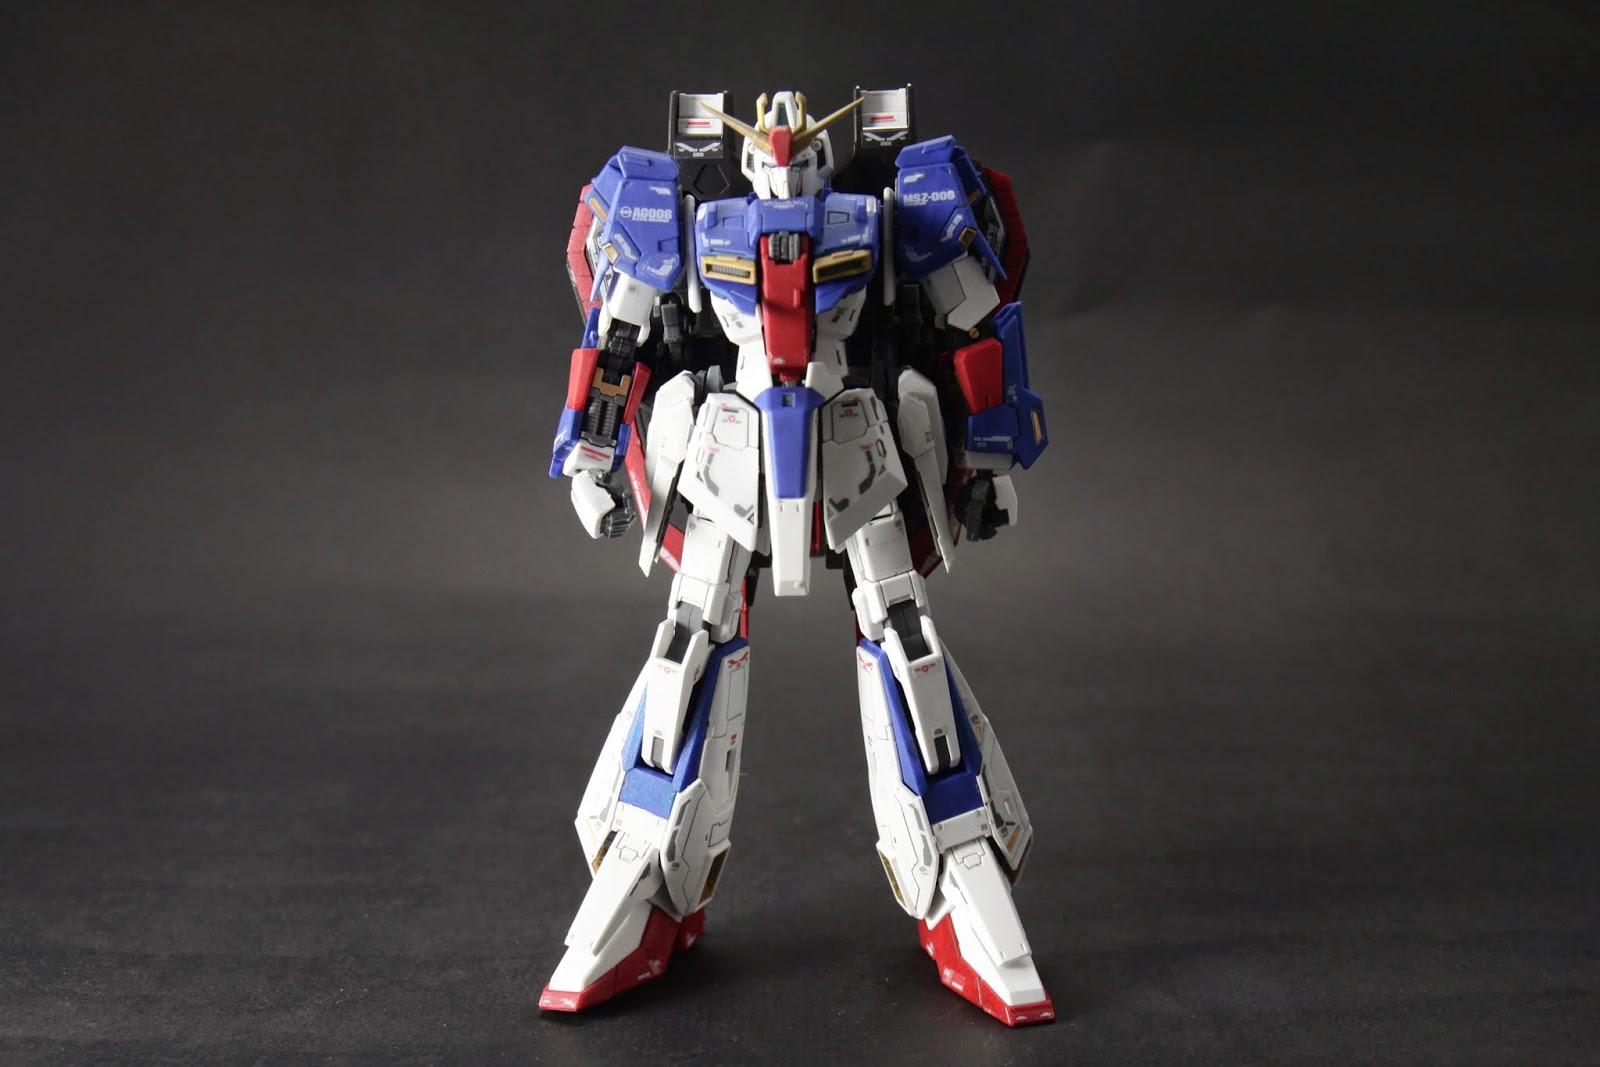 RG版的Zeta造型 應該是目前現有模型版本裡最帥的吧